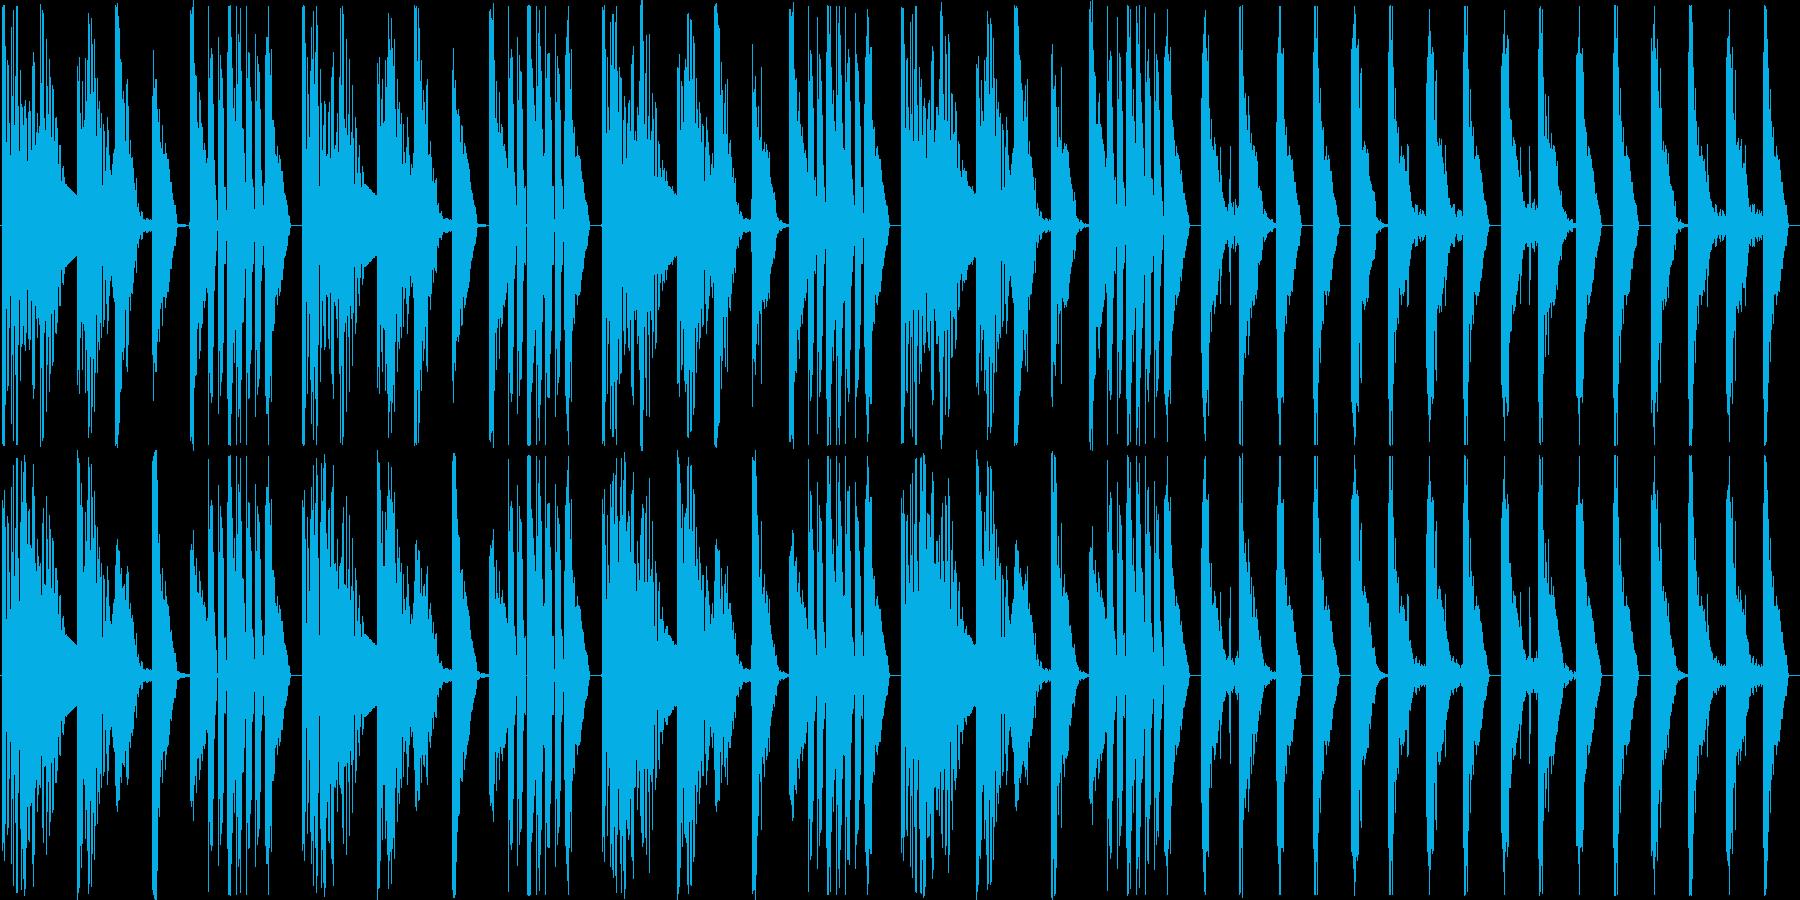 ほぼリズムだけの曲ですの再生済みの波形